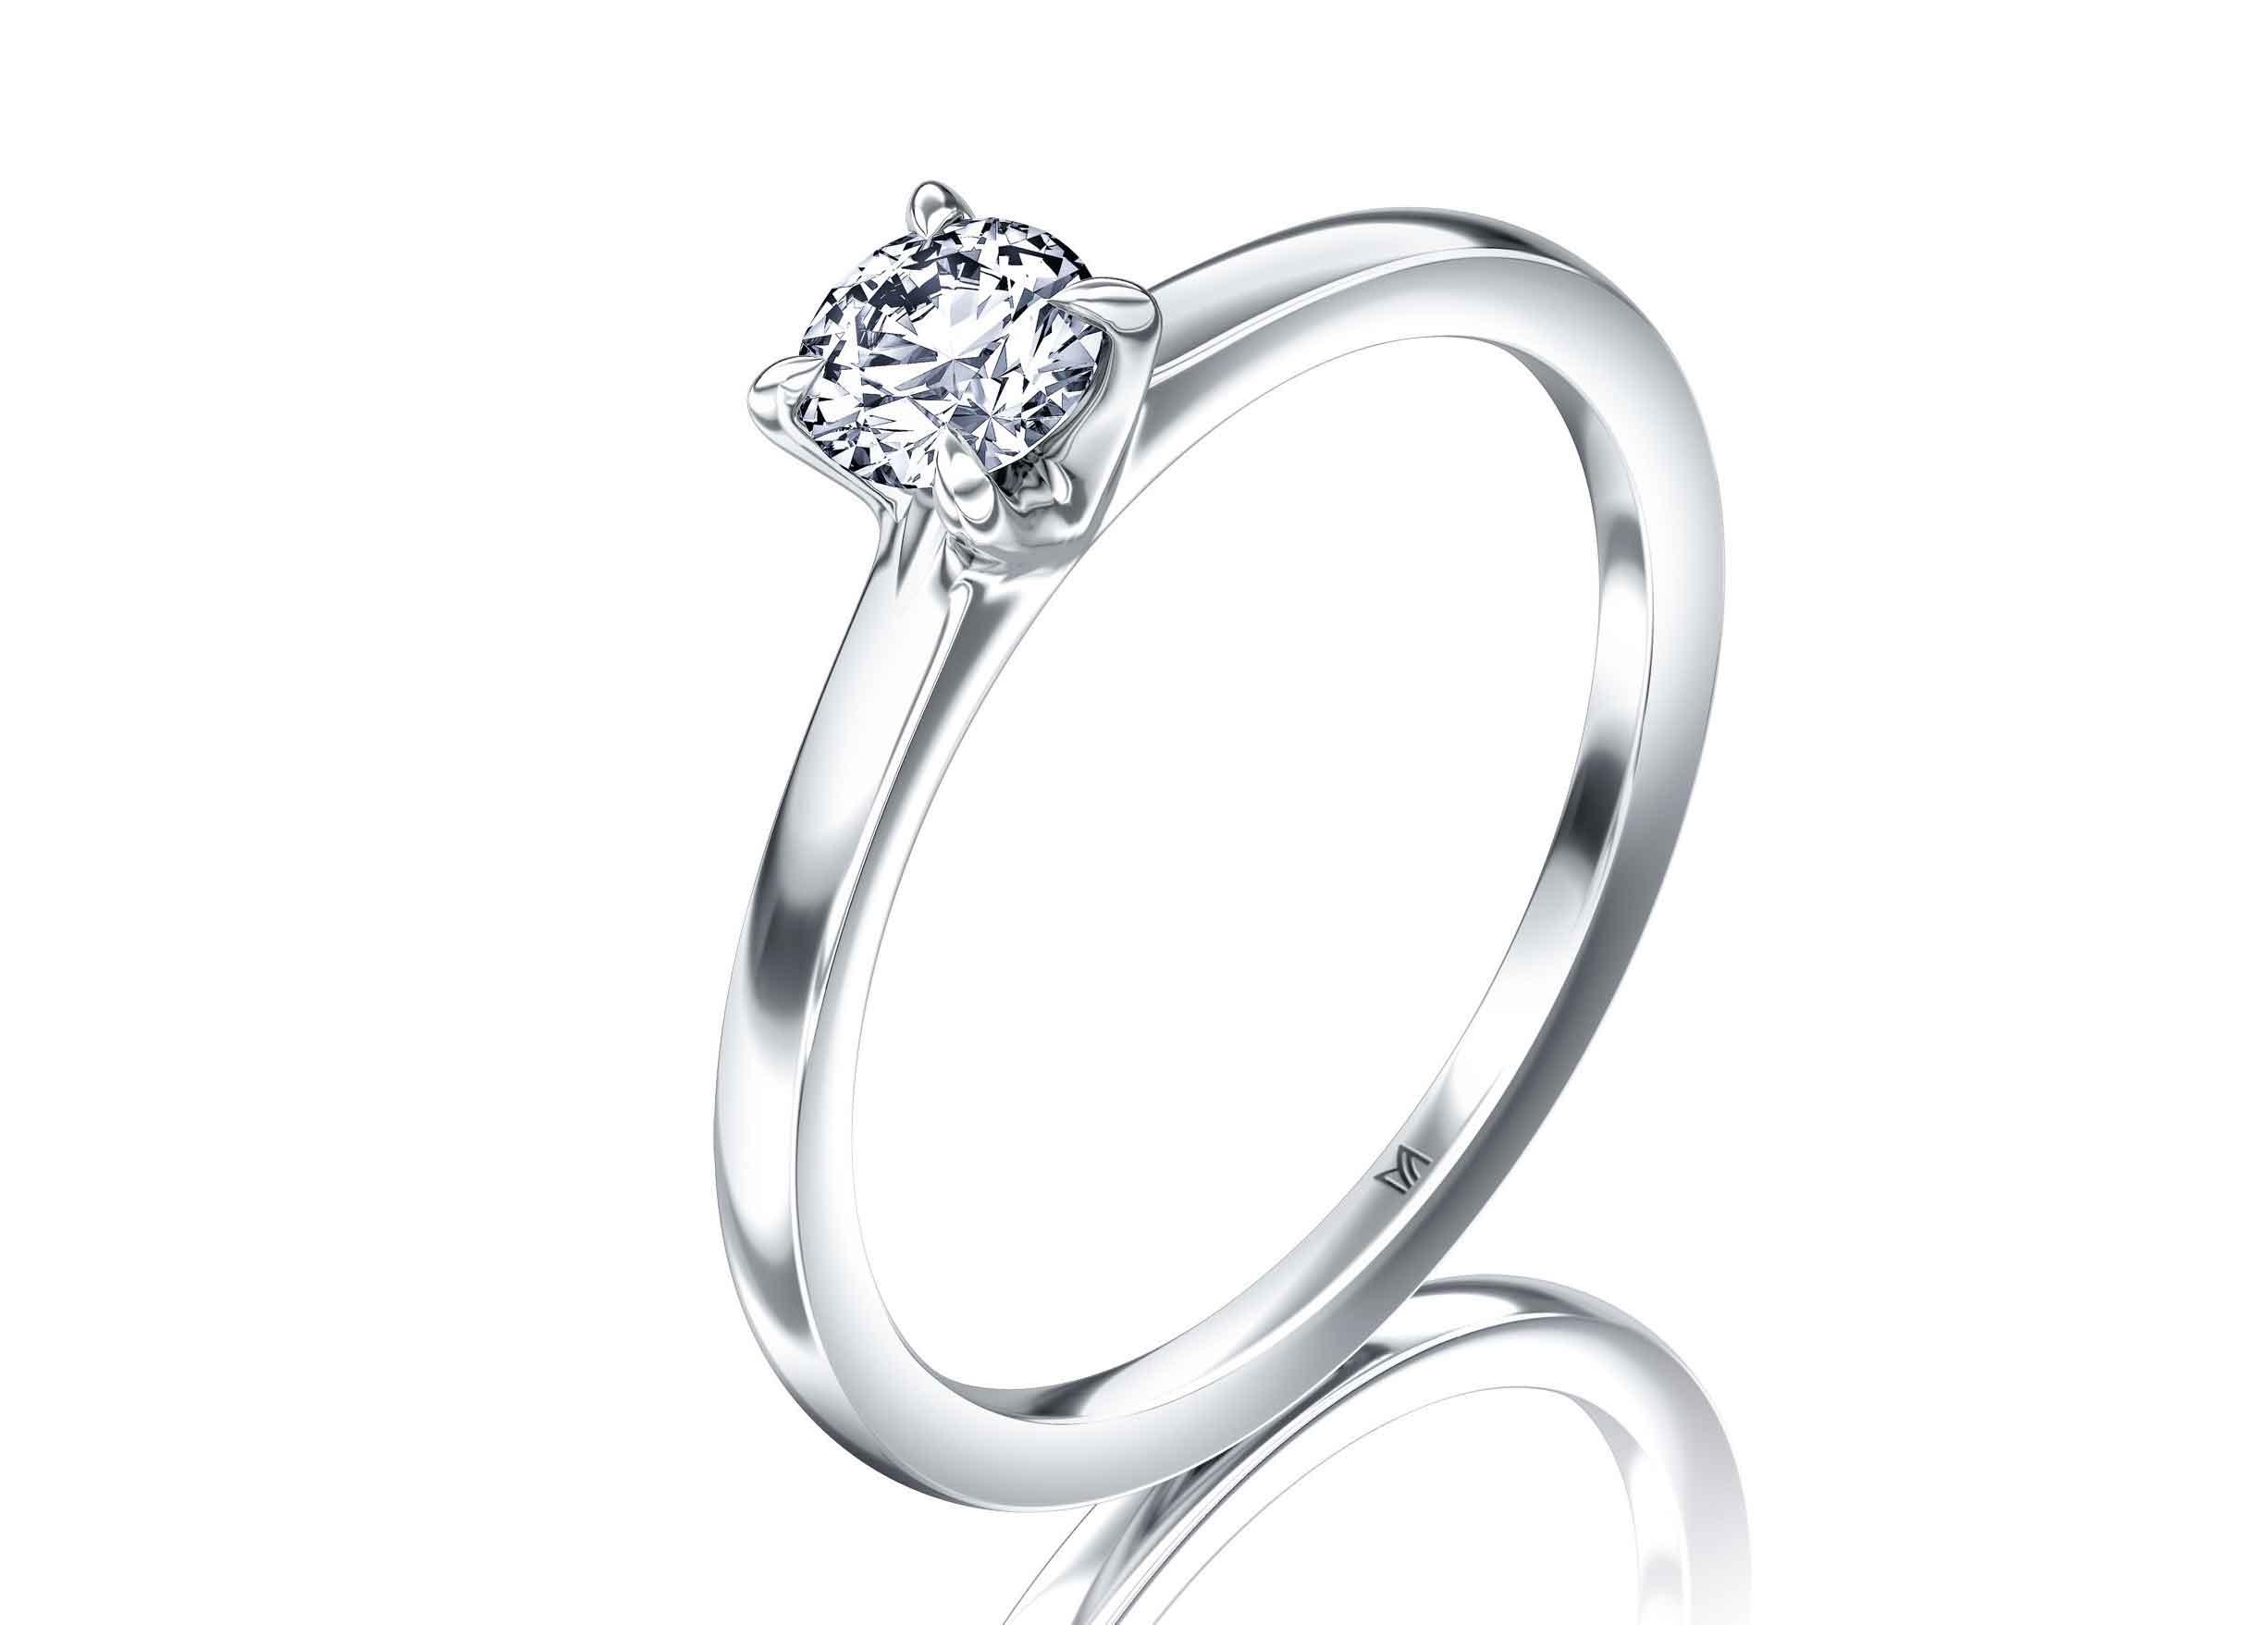 Der Verlobungsring aus Platin 950 ist der Ring des Jahres 2021 (Bild: Meister)